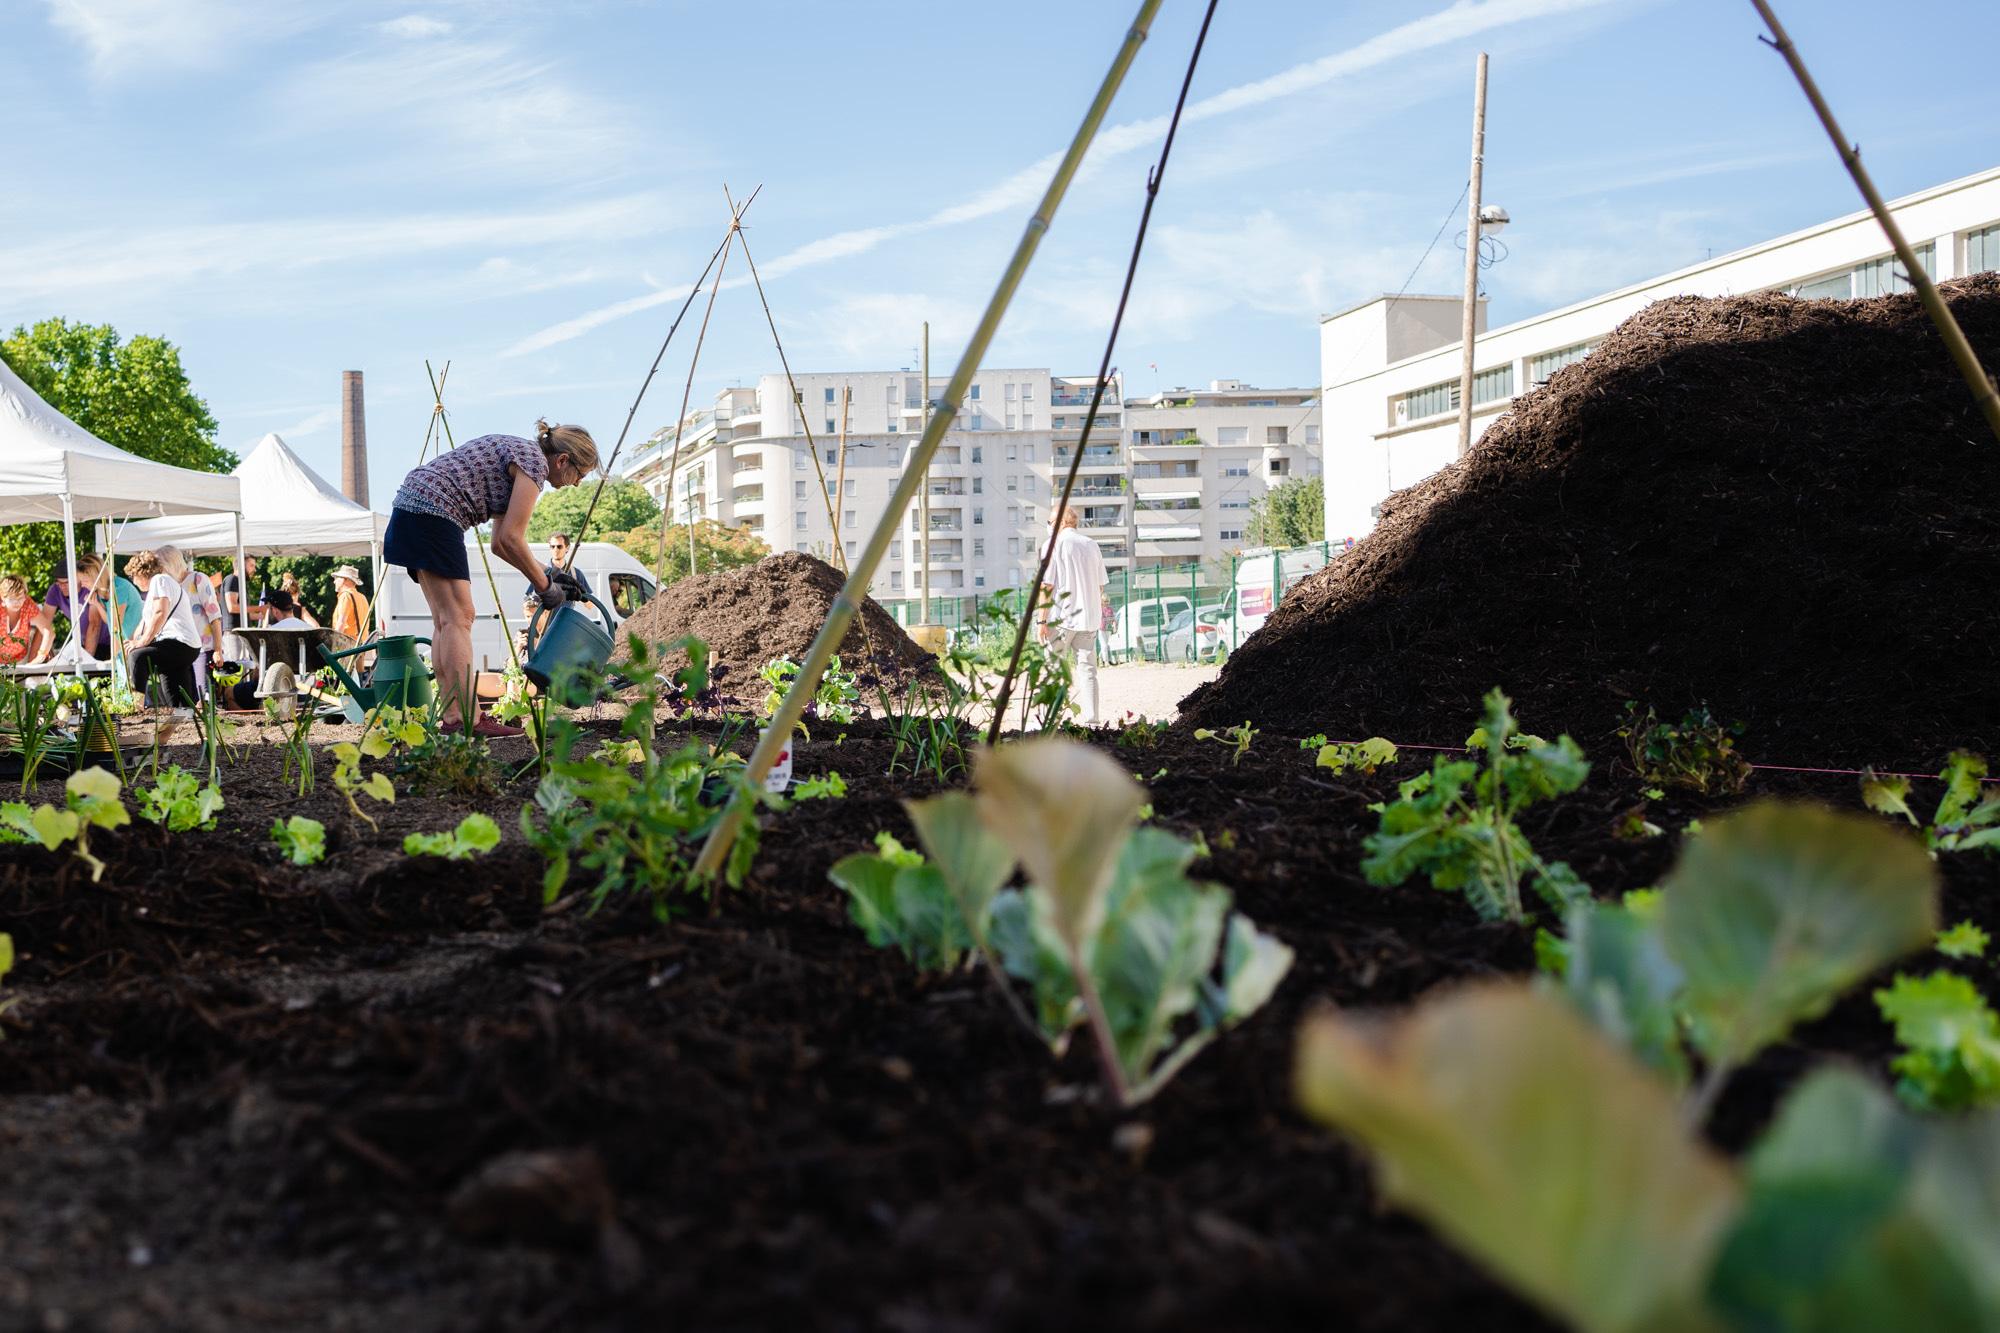 gratte ciel 68 - La Ferme des artisans, un projet éco-responsable pour mieux vivre la ville de demain